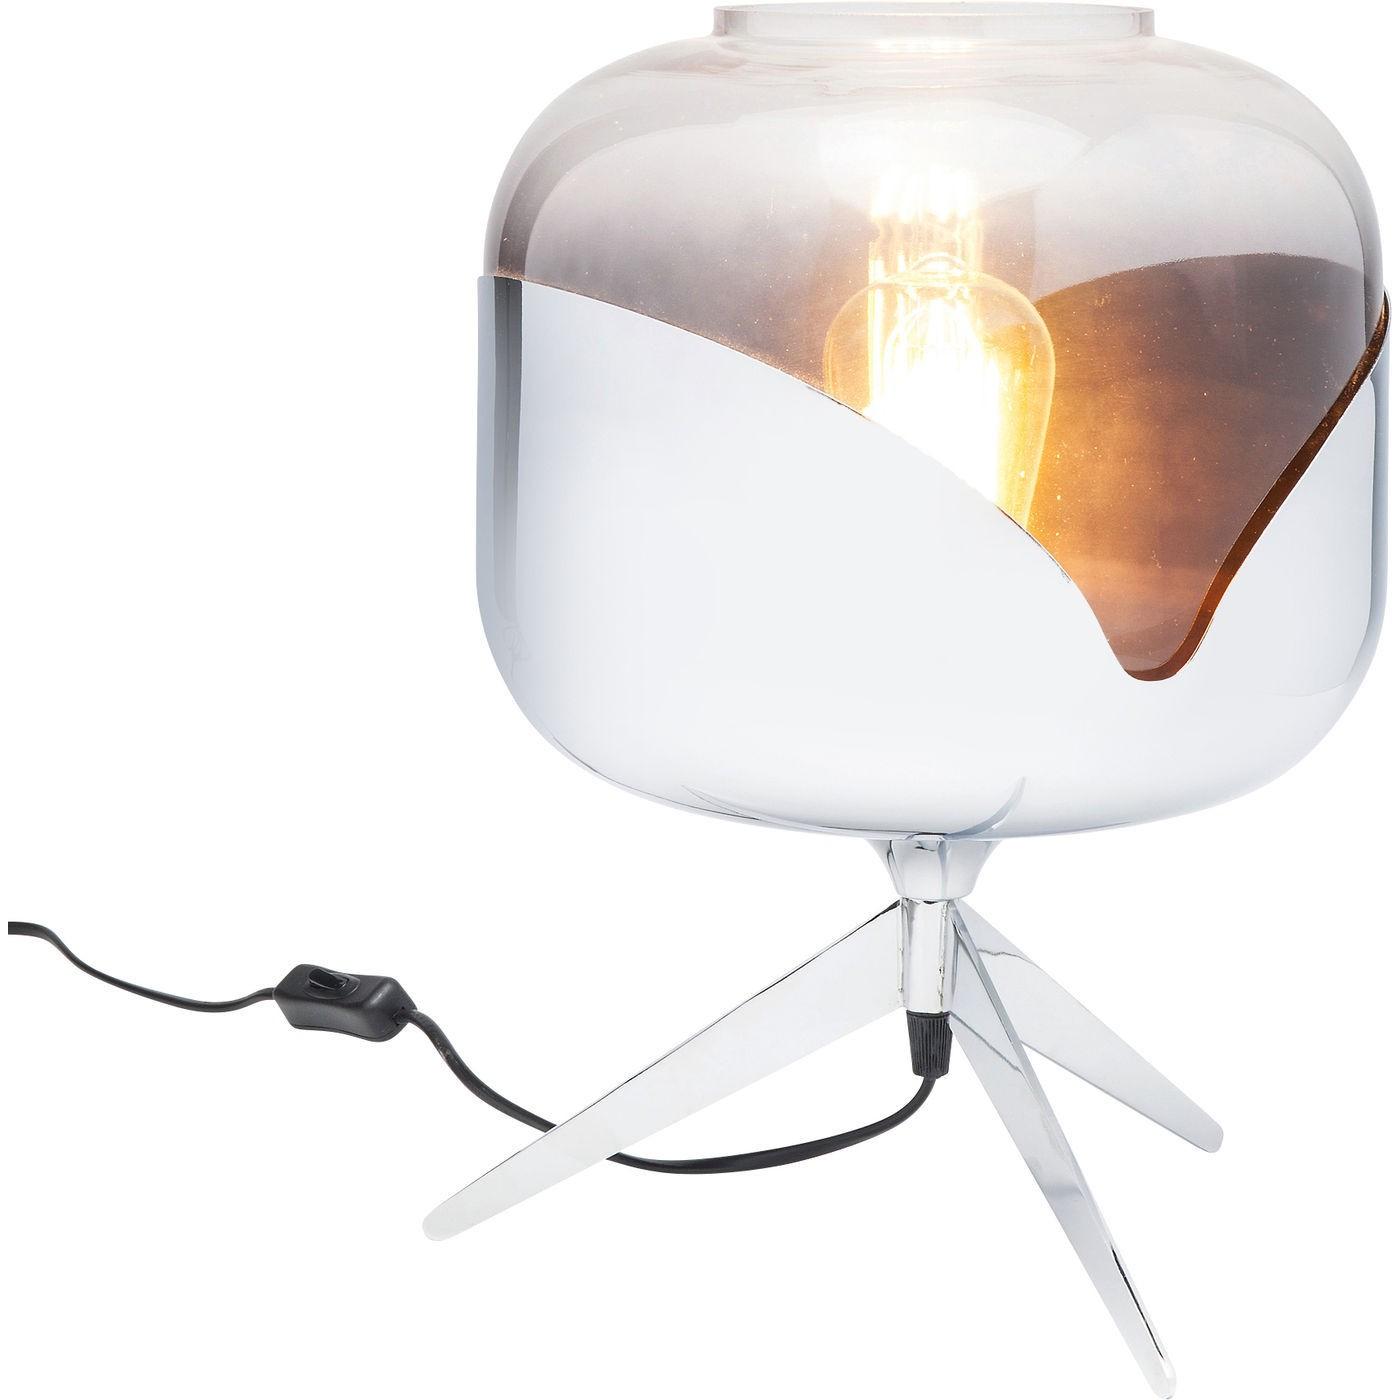 Lampe de table Goblet Ball chromée Kare Design